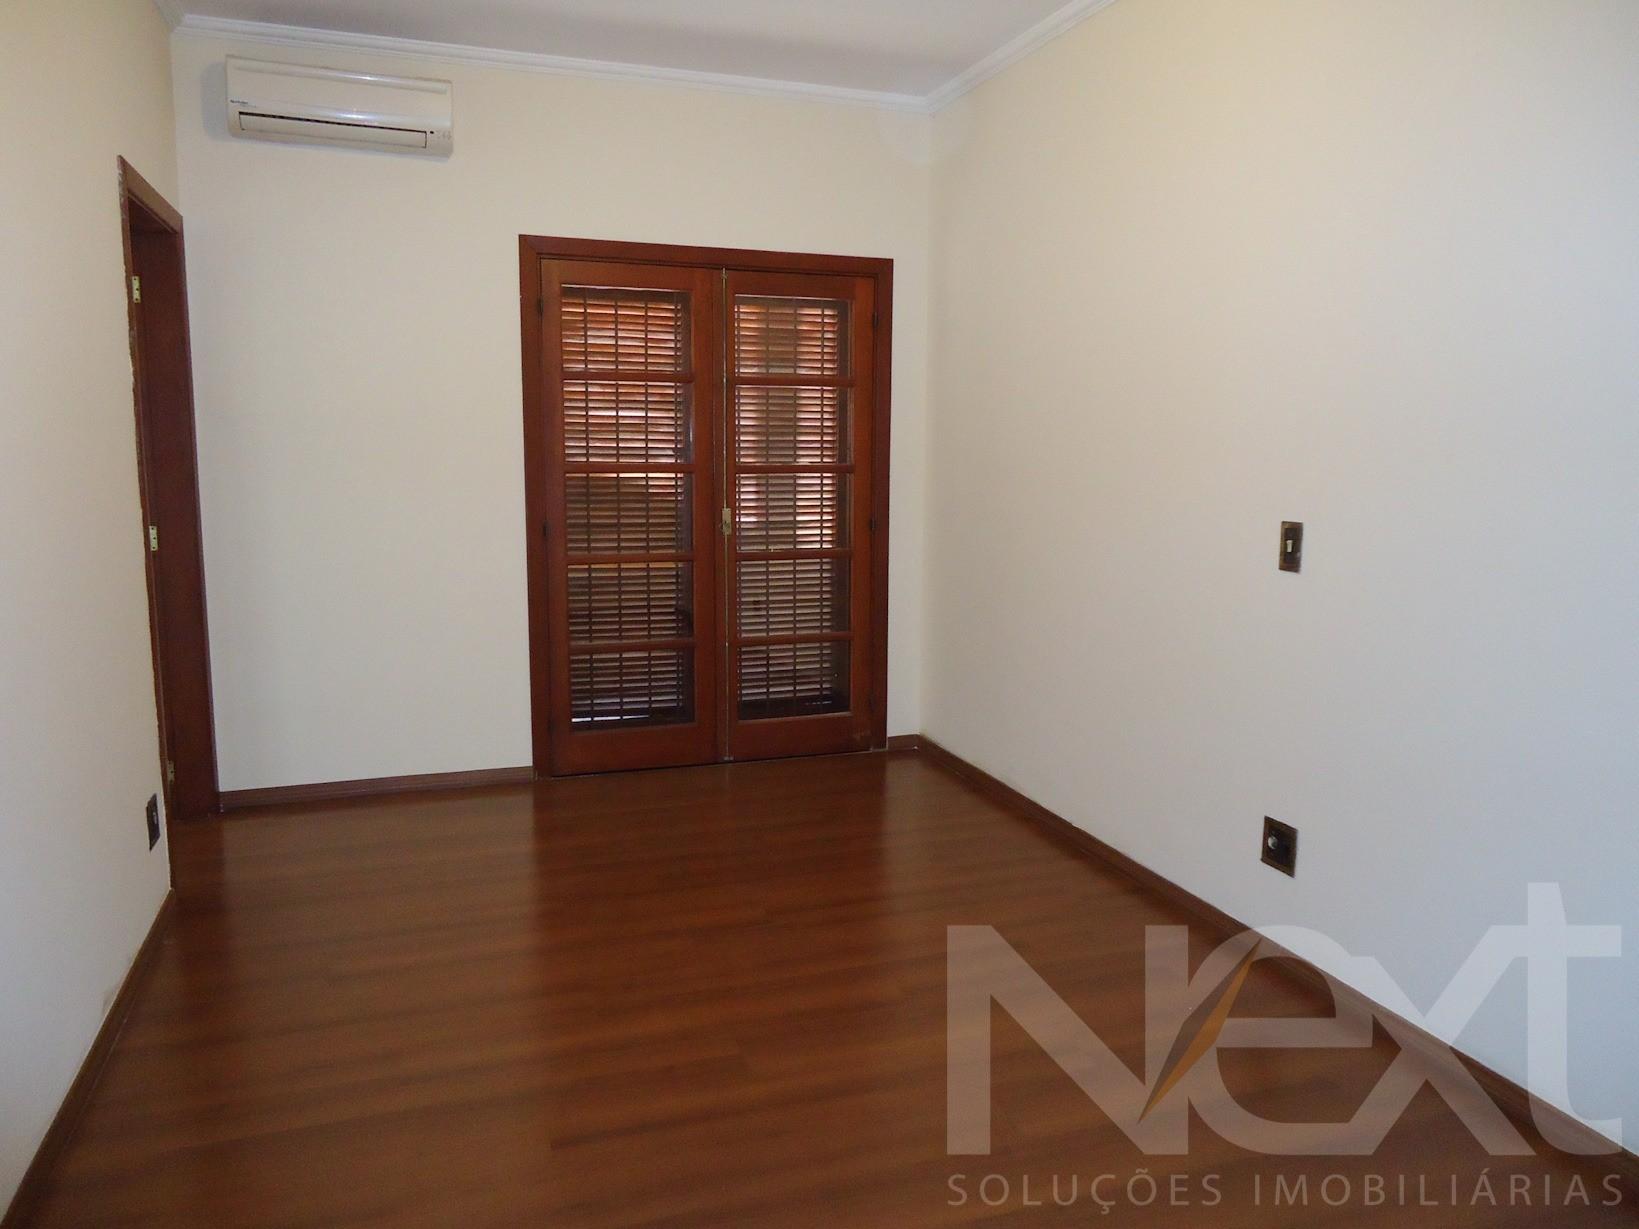 Sobrado de 4 dormitórios em Bairro Das Palmeiras, Campinas - SP